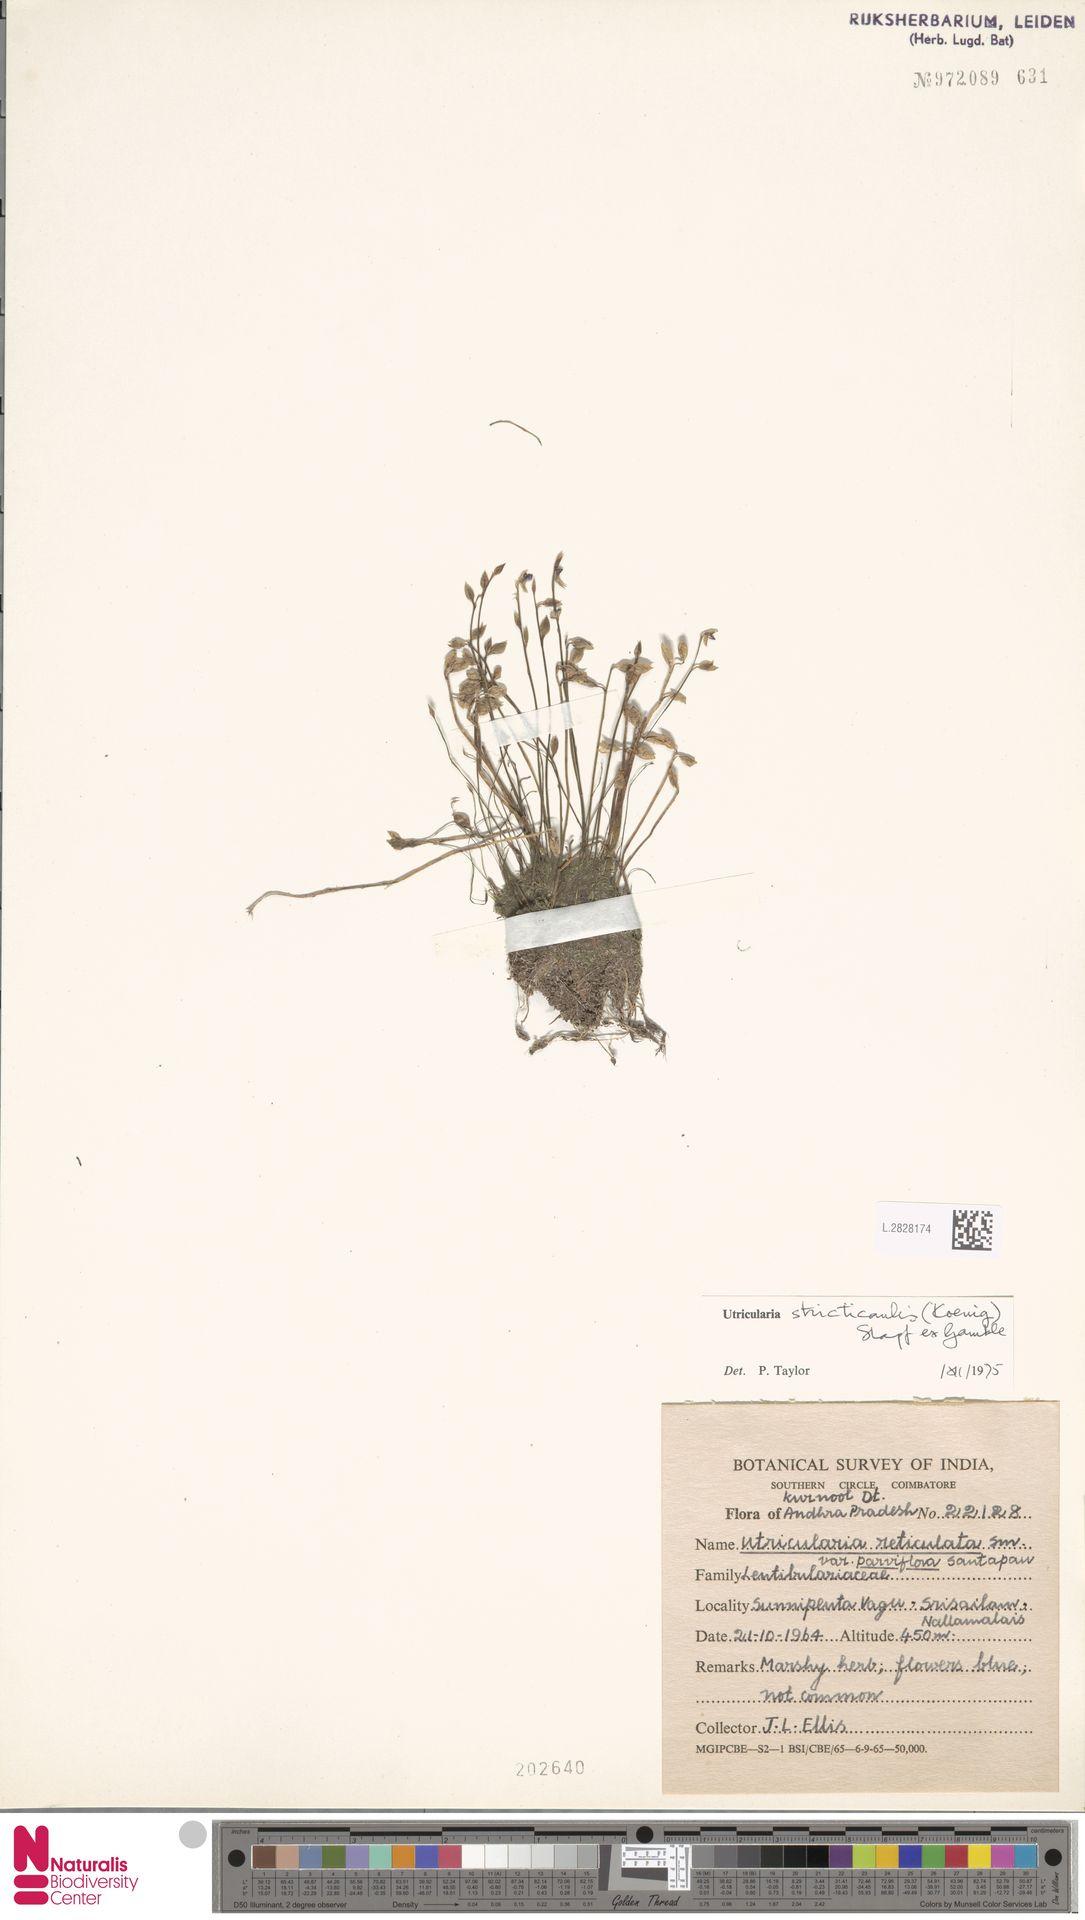 L.2828174 | Utricularia stricticaulis (Koenig ex Oliver) Stapf ex Gamble